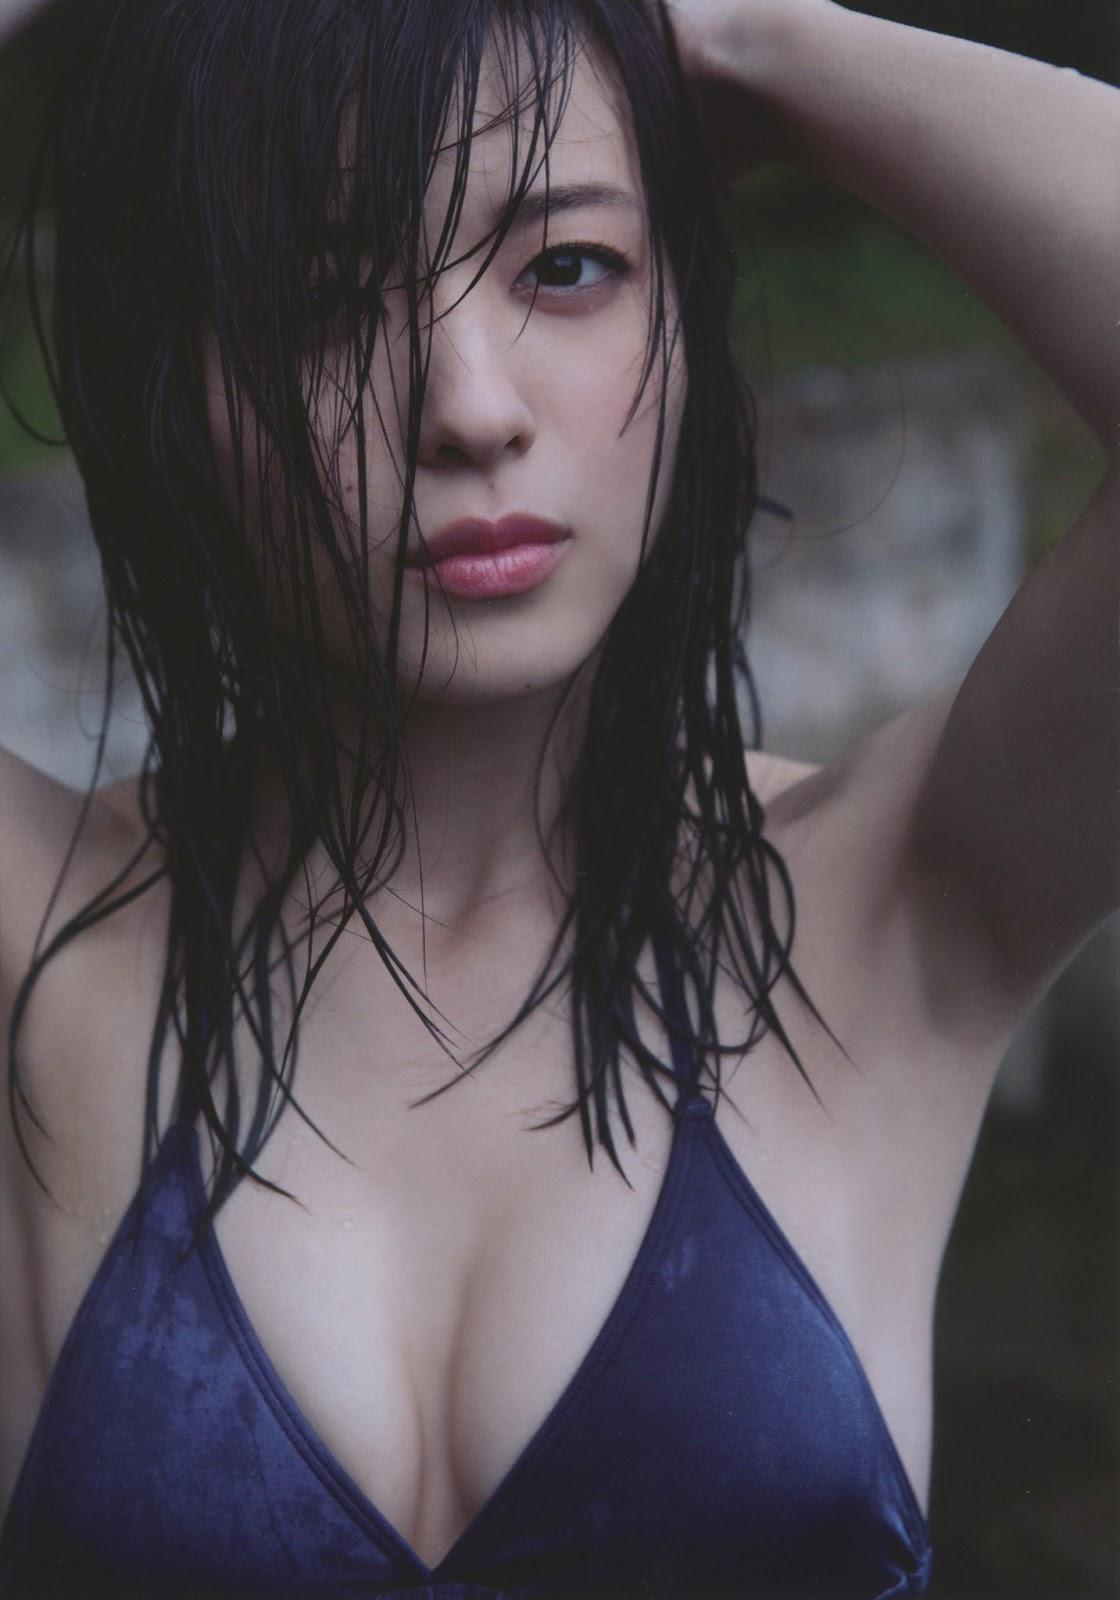 写真集「Nobody knows 23」水着姿でずぶ濡れの矢島舞美